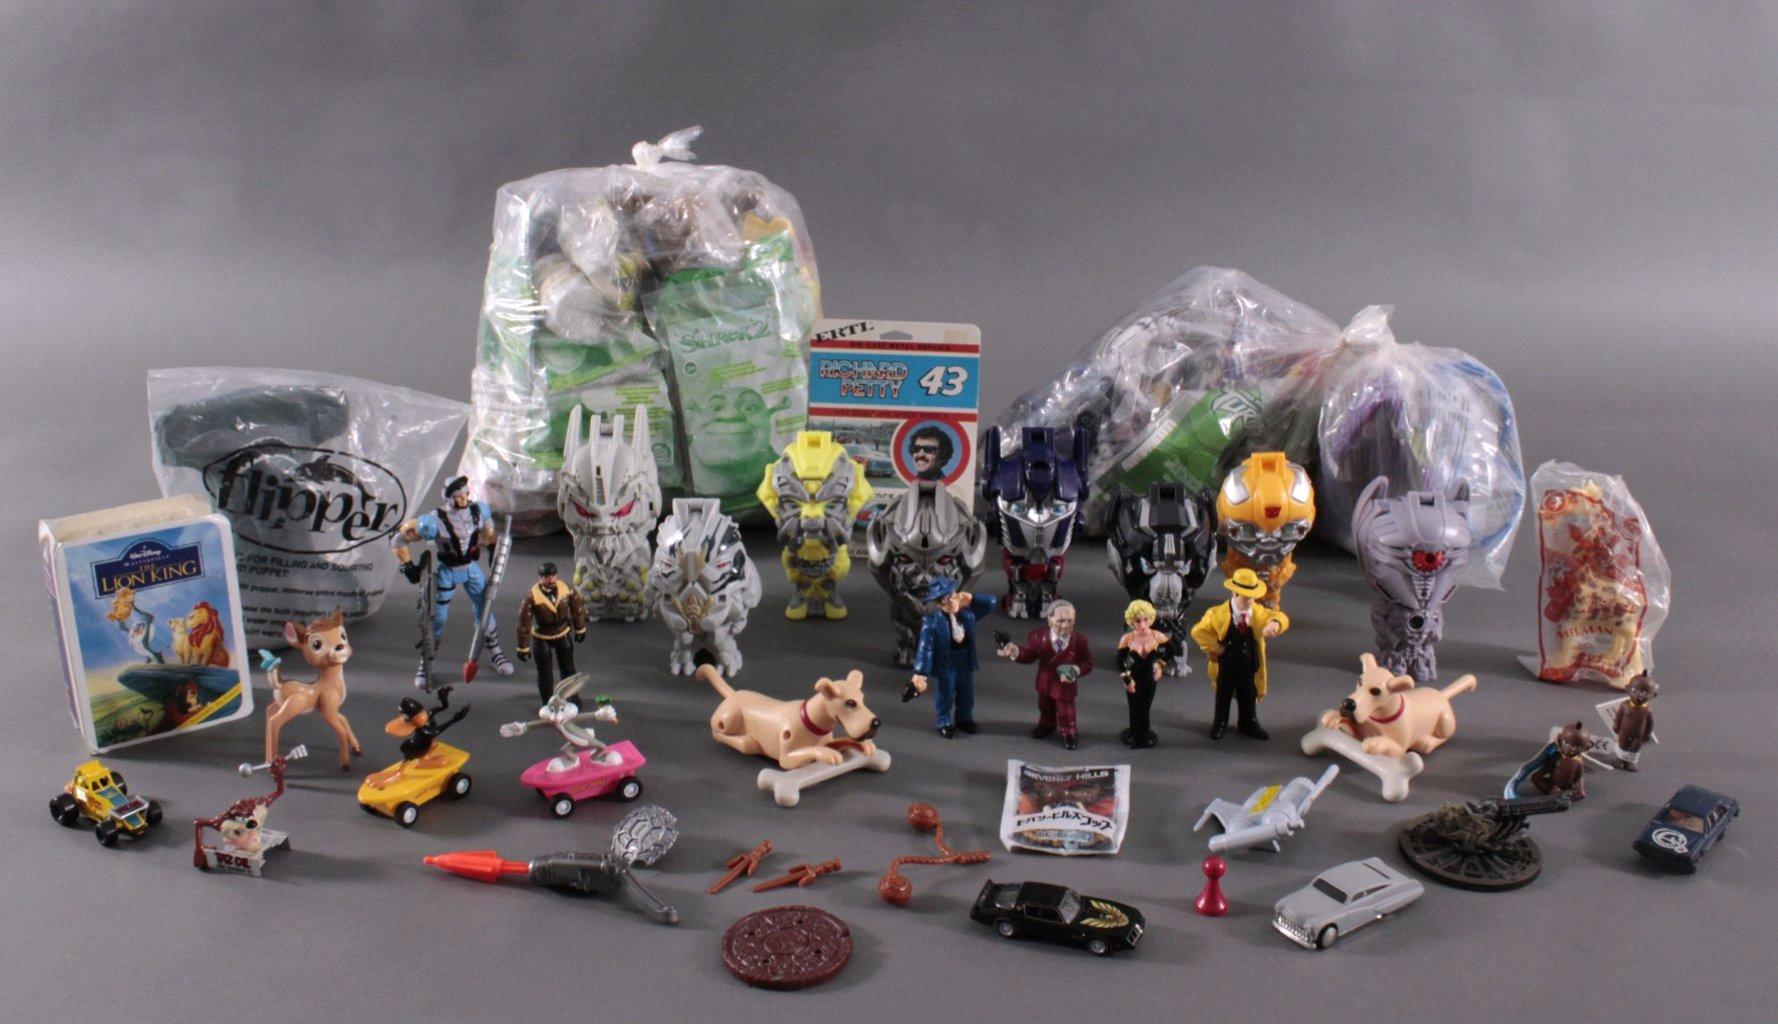 Großes Konvolut an Spielzeugfiguren